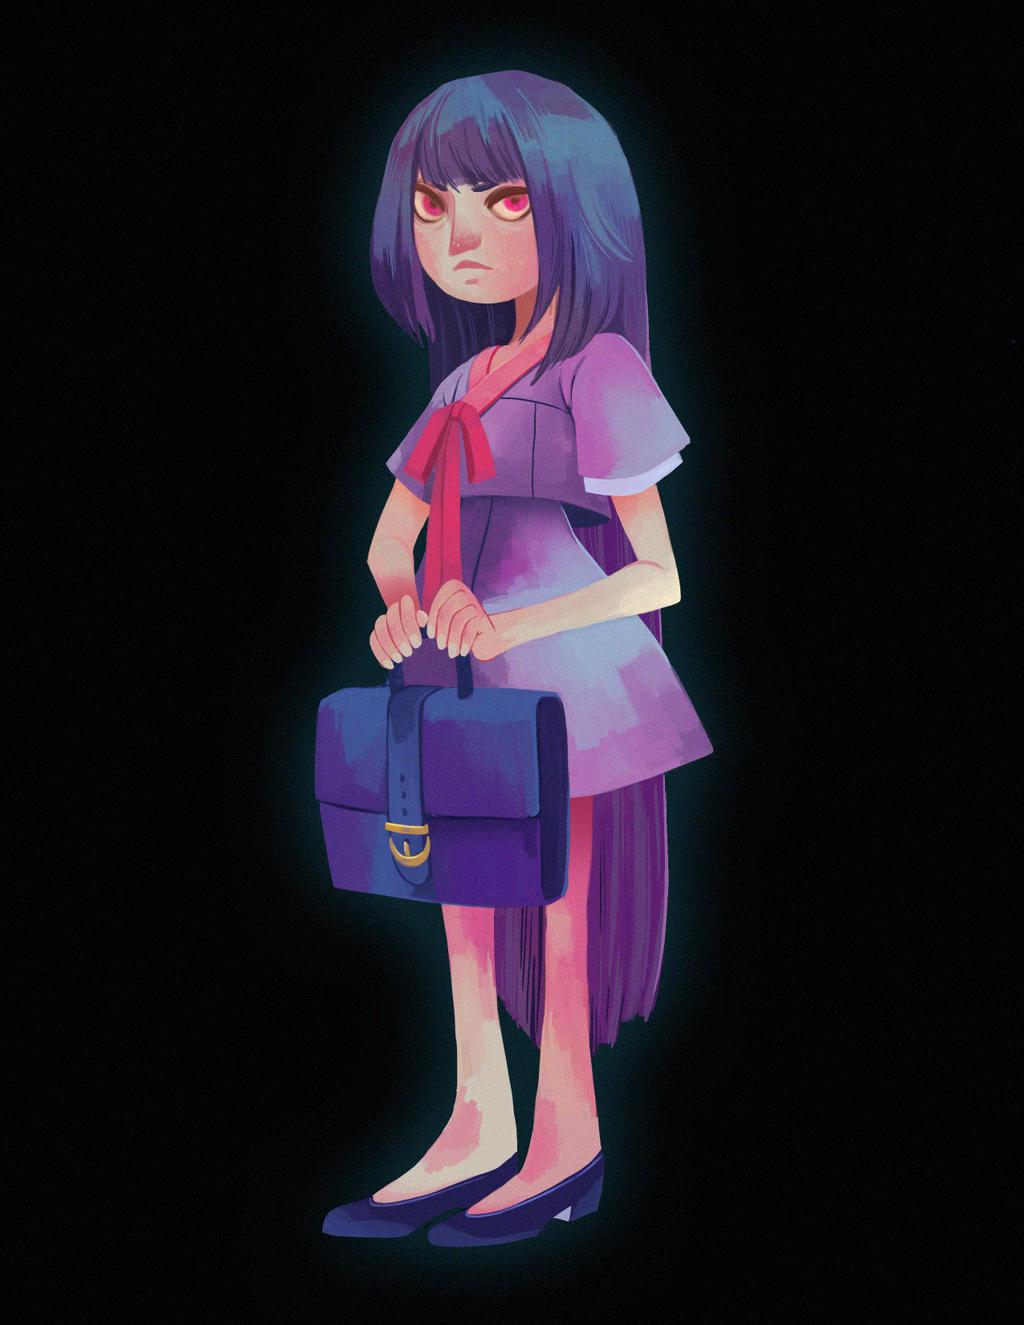 Ghost Girl2 by TheKuraken